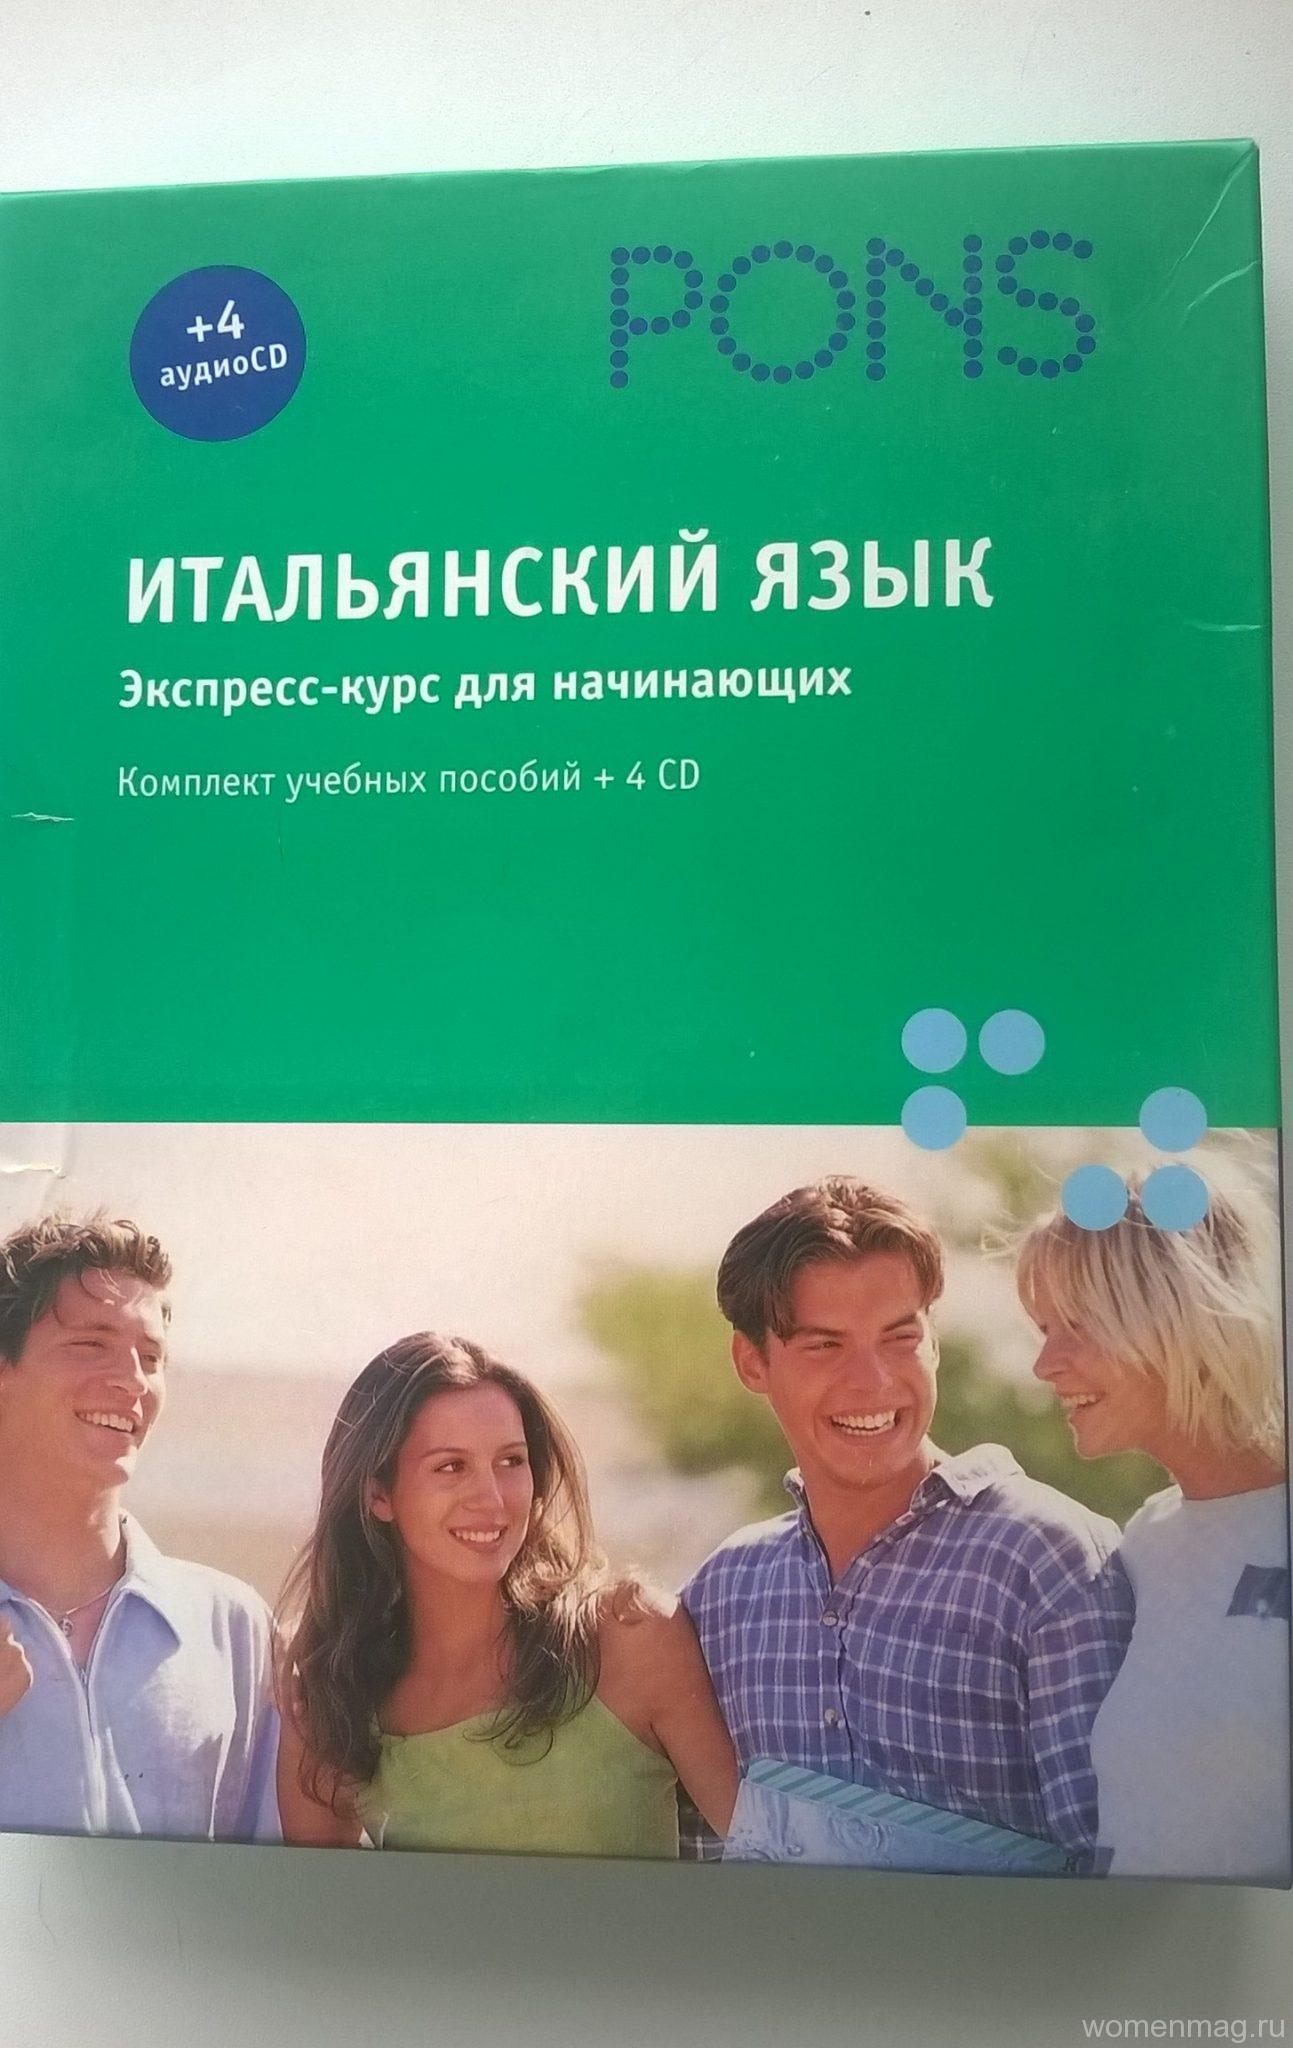 Итальянский язык. Экспресс-курс для начинающих. Комплект учебных пособий + 4 CD от Pons. Отзыв